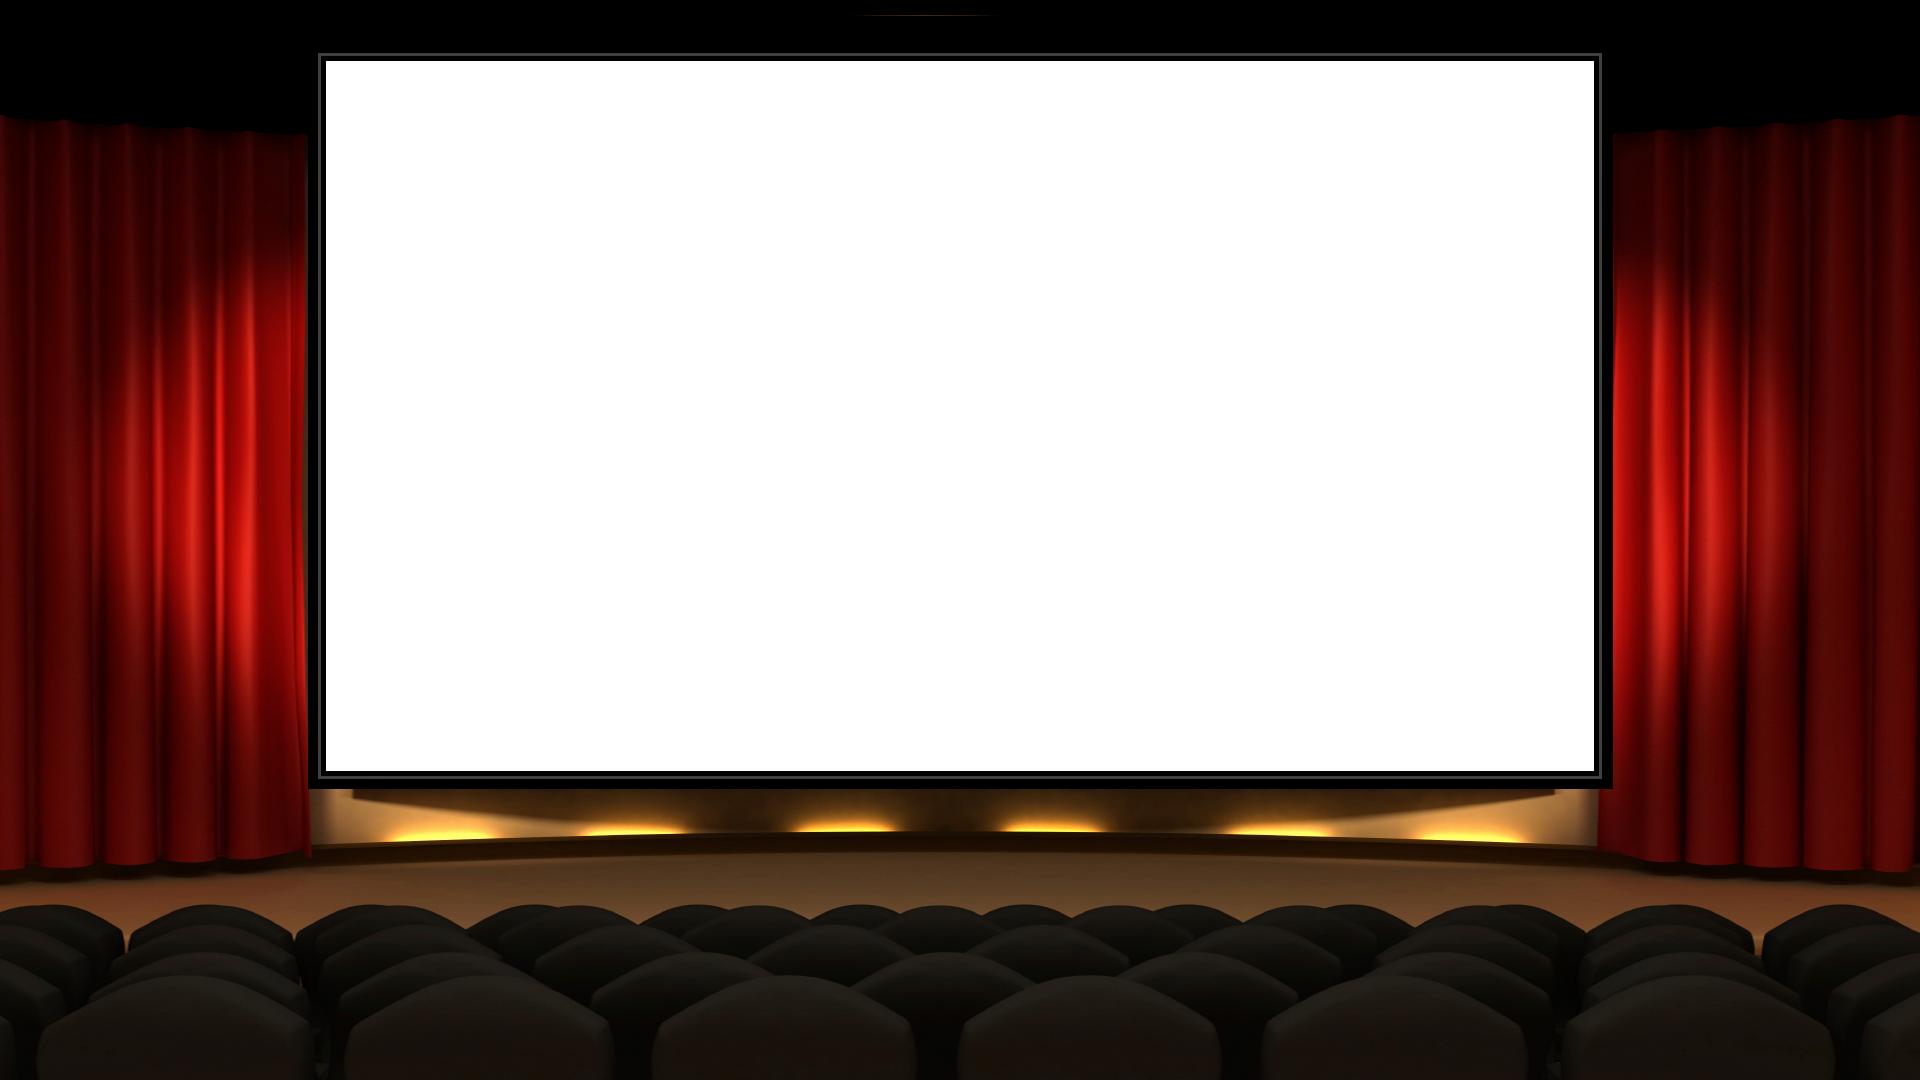 фон кинотеатр для презентации дизайнерских идей позволяет